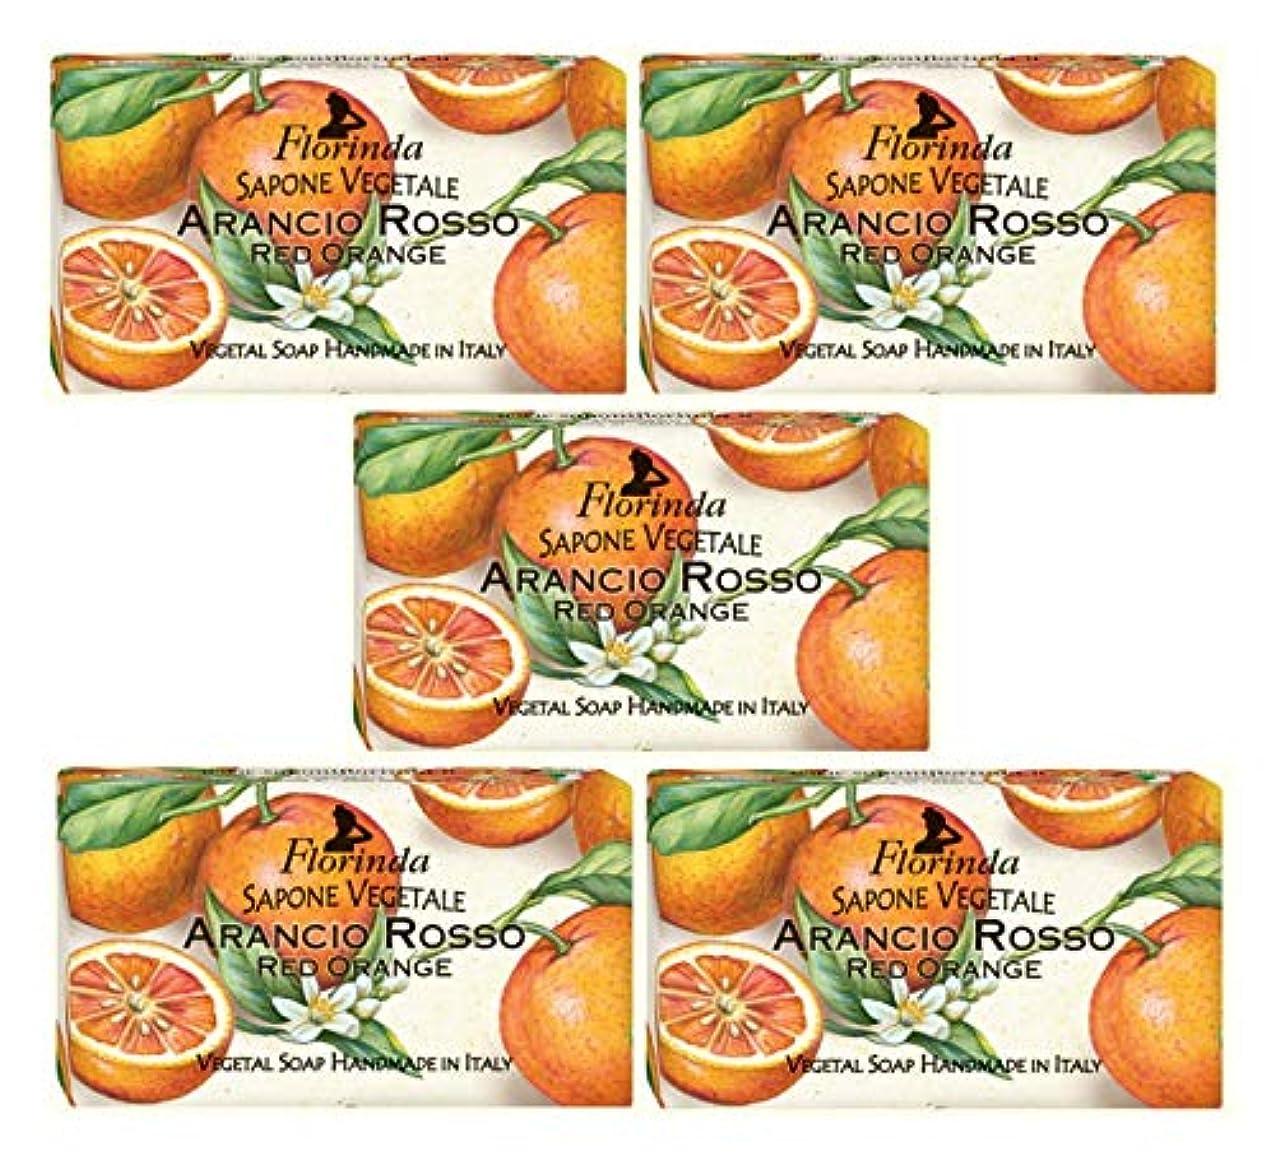 バスルームポルノブラウンフロリンダ フレグランスソープ 固形石けん フルーツの香り レッドオレンジ 95g×5個セット